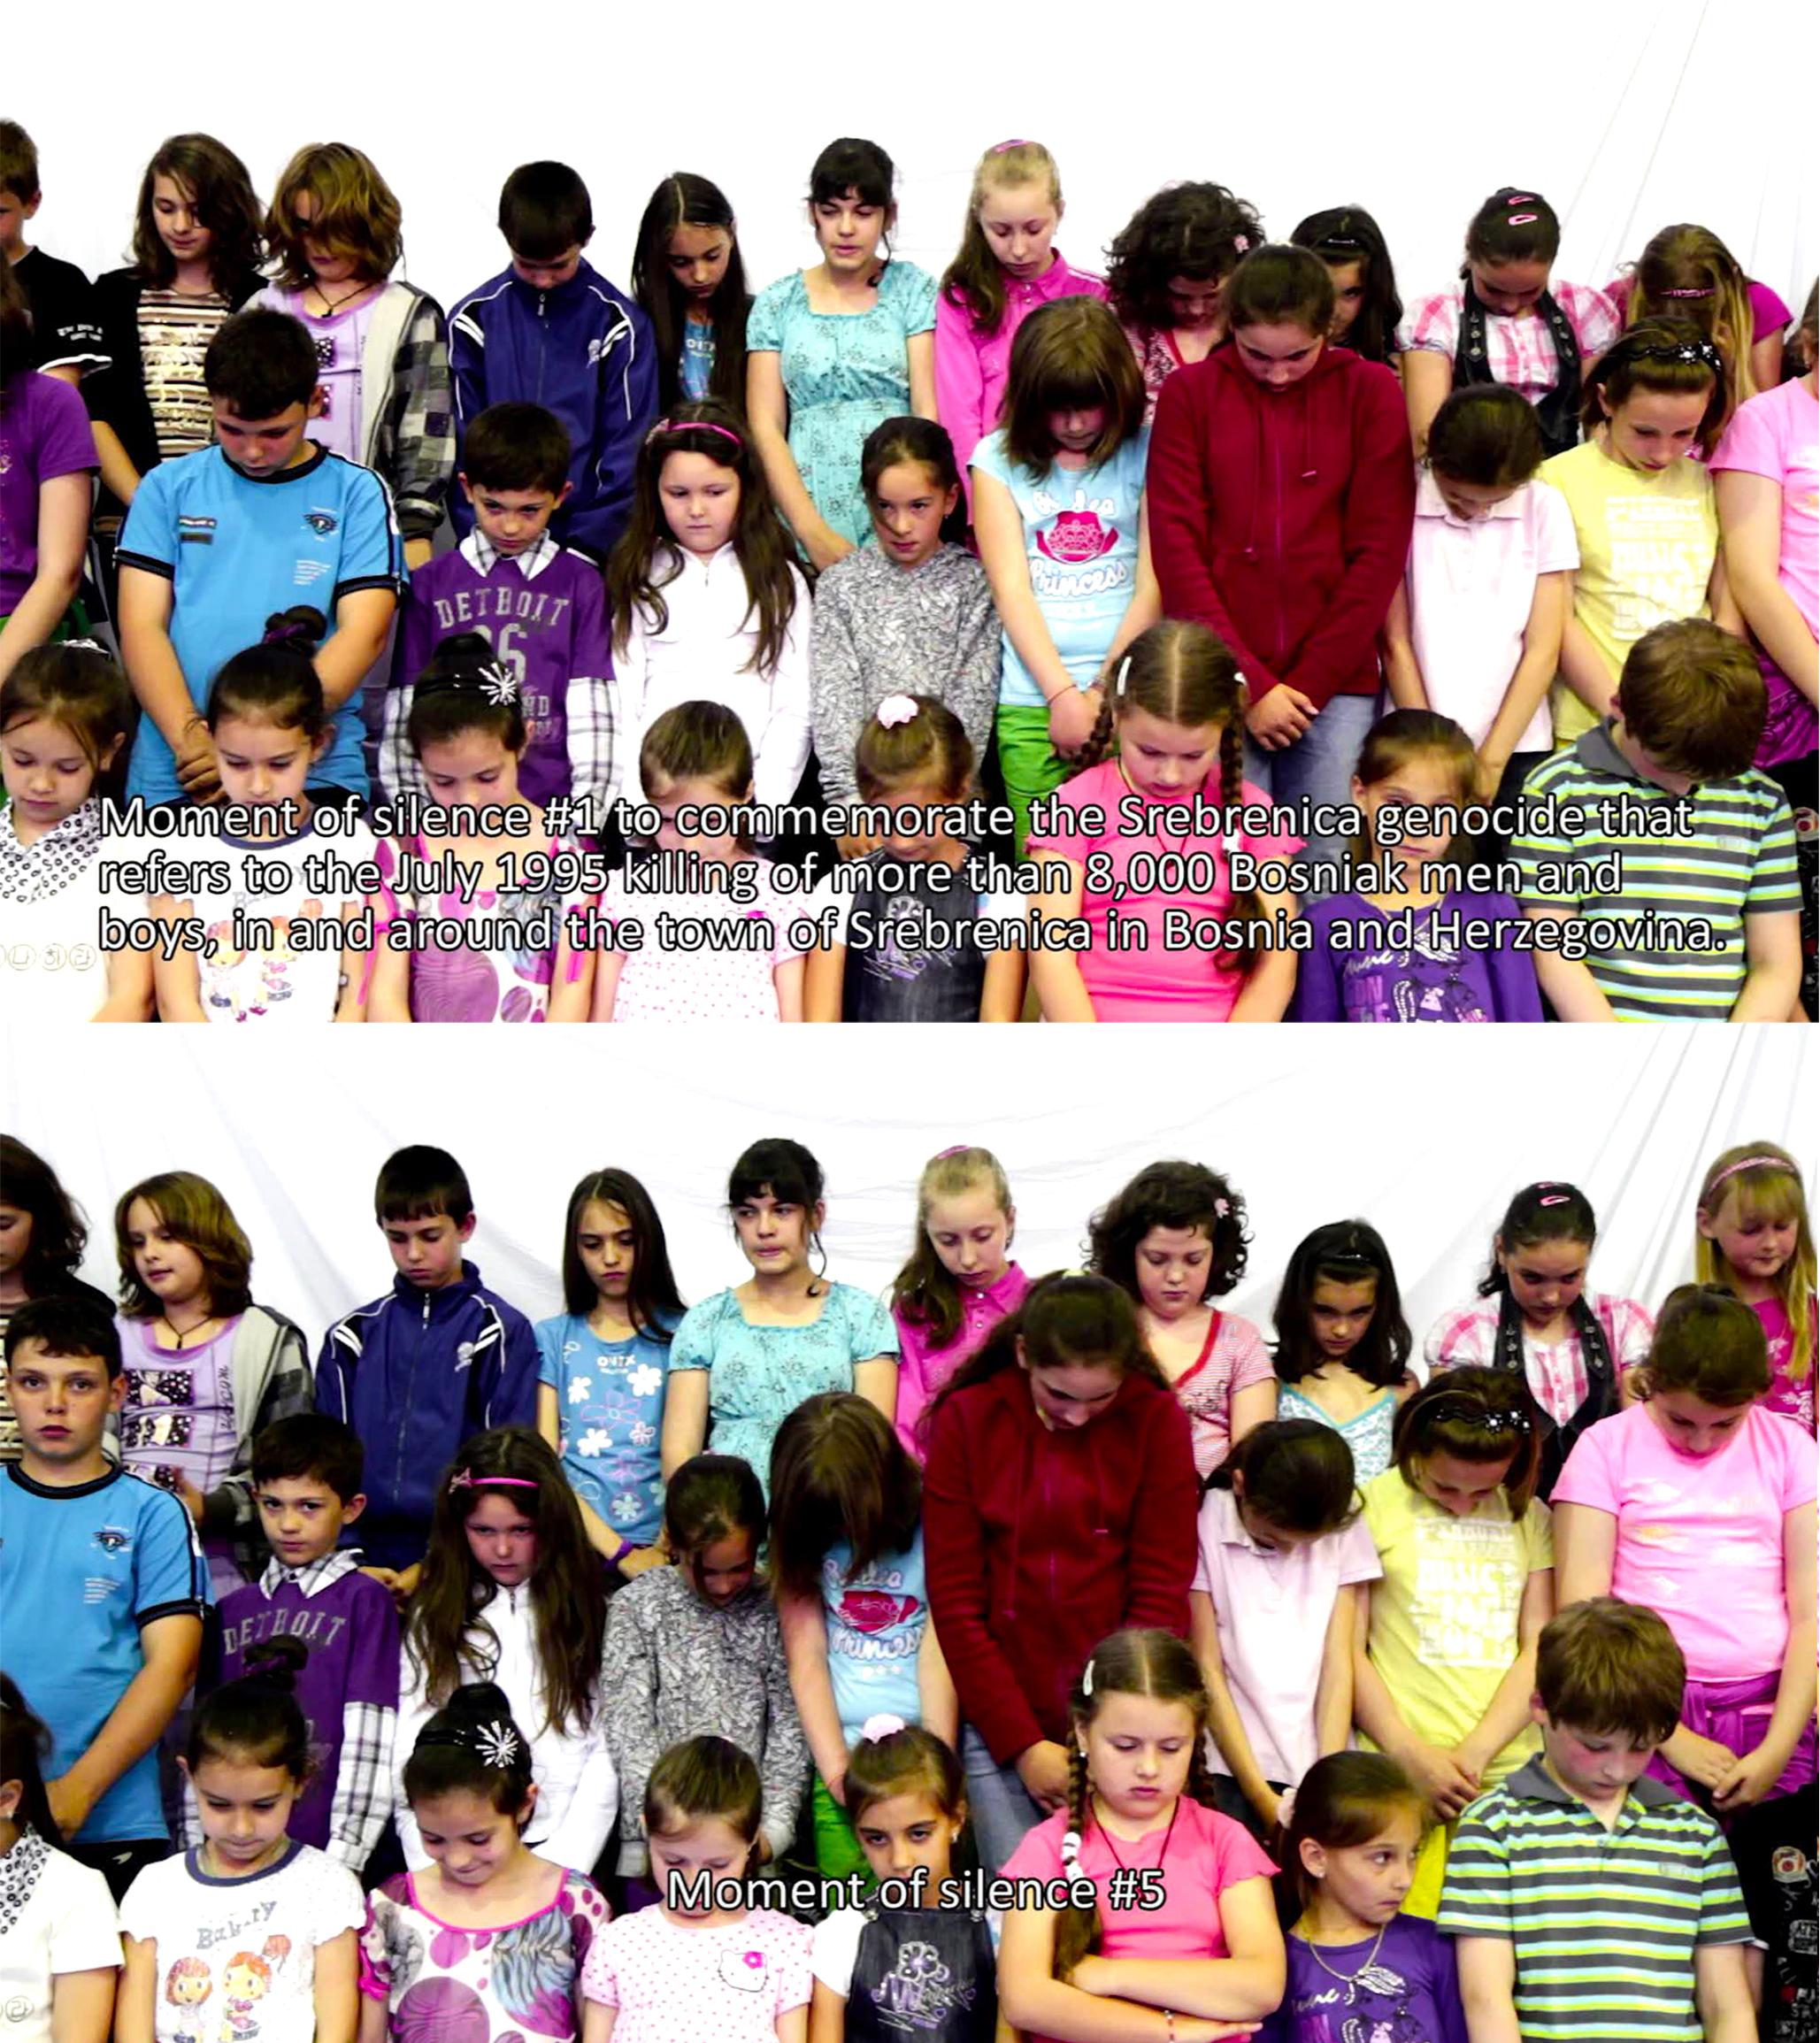 PENDING WORK #3 (MOMENTS OF SILENCE) - Alex MIRUTZIUvideo | 15:38 min | 2011 | Galeria Rudiger Schottle, MunichPending Work #3 opereaza o actiune de memorial (momente de reculegere) instrumentata de agenti (copii) care datorita varstei biologice nu pot activa amintiri legate de evenimentele istorice petrecute cu mult inaintea nasterii lor. Astfel, actiunea se soldeaza prin constientizarea evenimentului carora cei prezenti incearca sa-i faca fata si care ii deruteaza dand nastere unei nelinisti intr-o structura de public 'neasezat', care se intreaba care e rostul lor acolo.